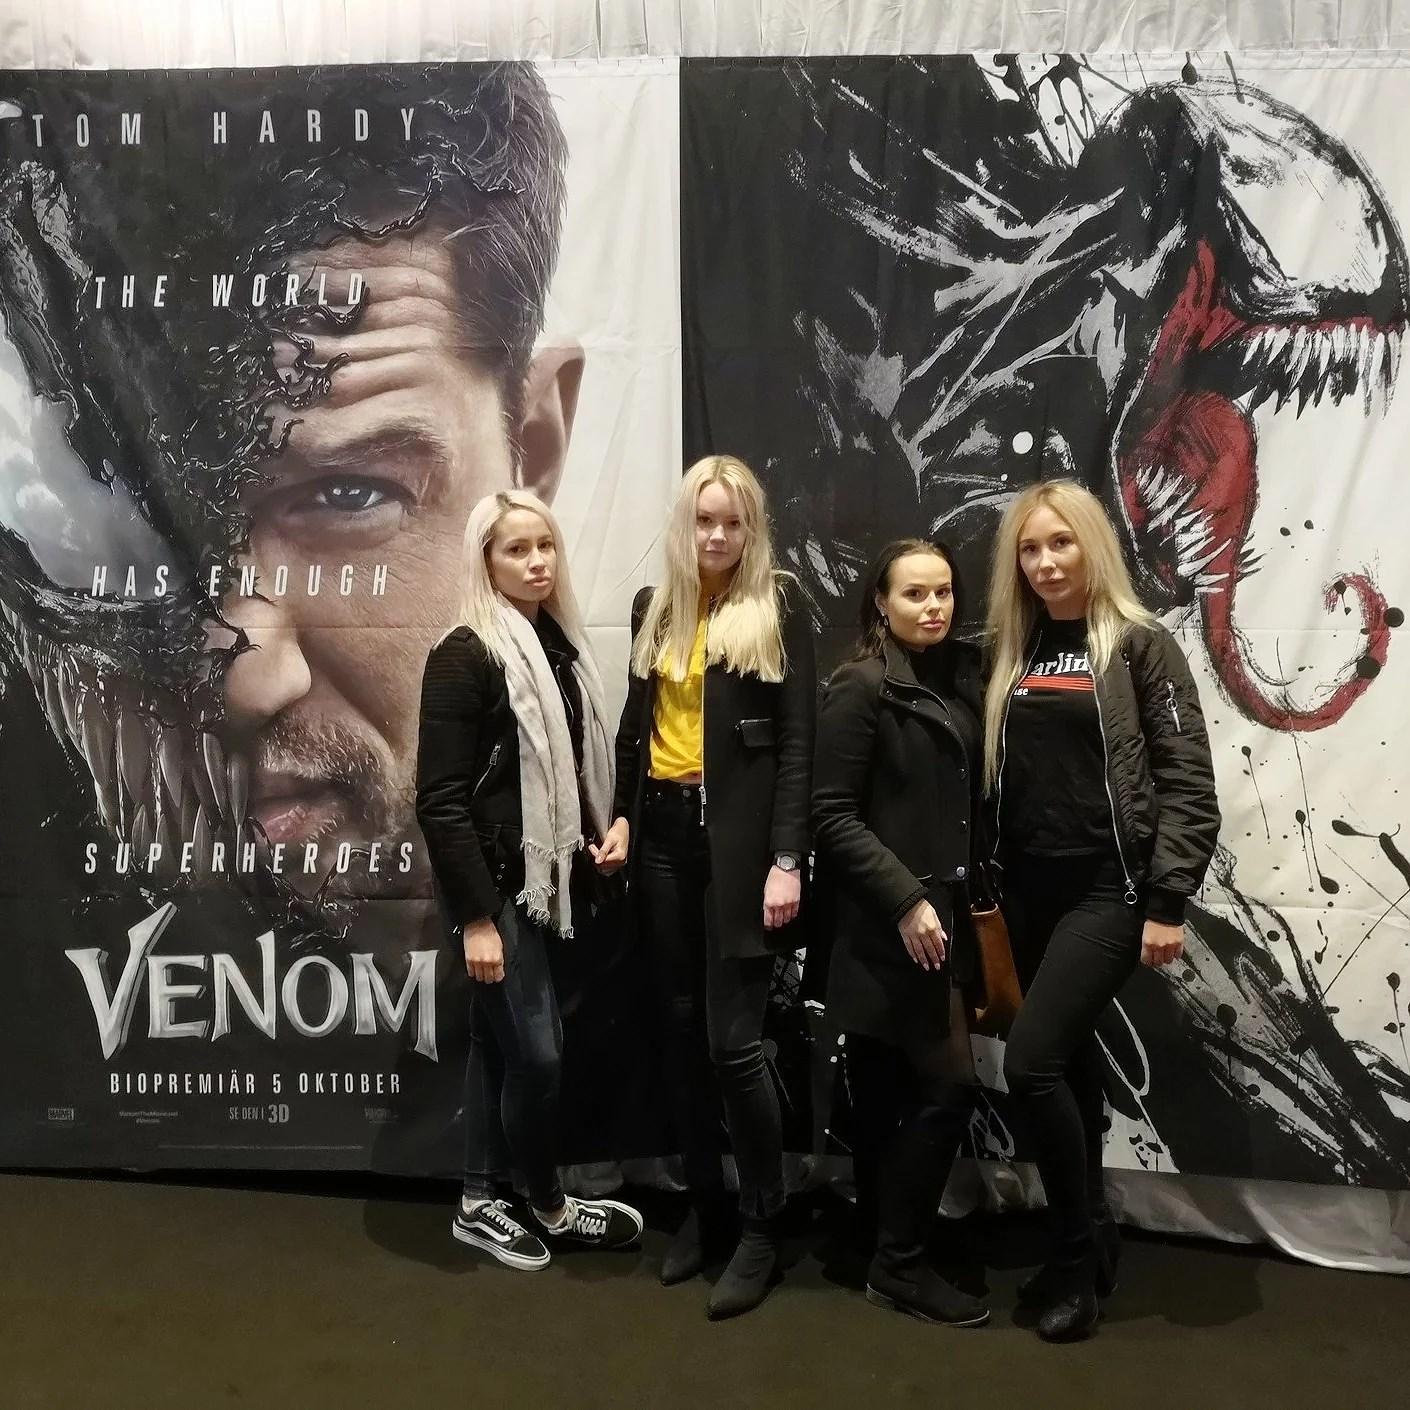 Event på Whyred och förhandsvisning av filmen Venom.